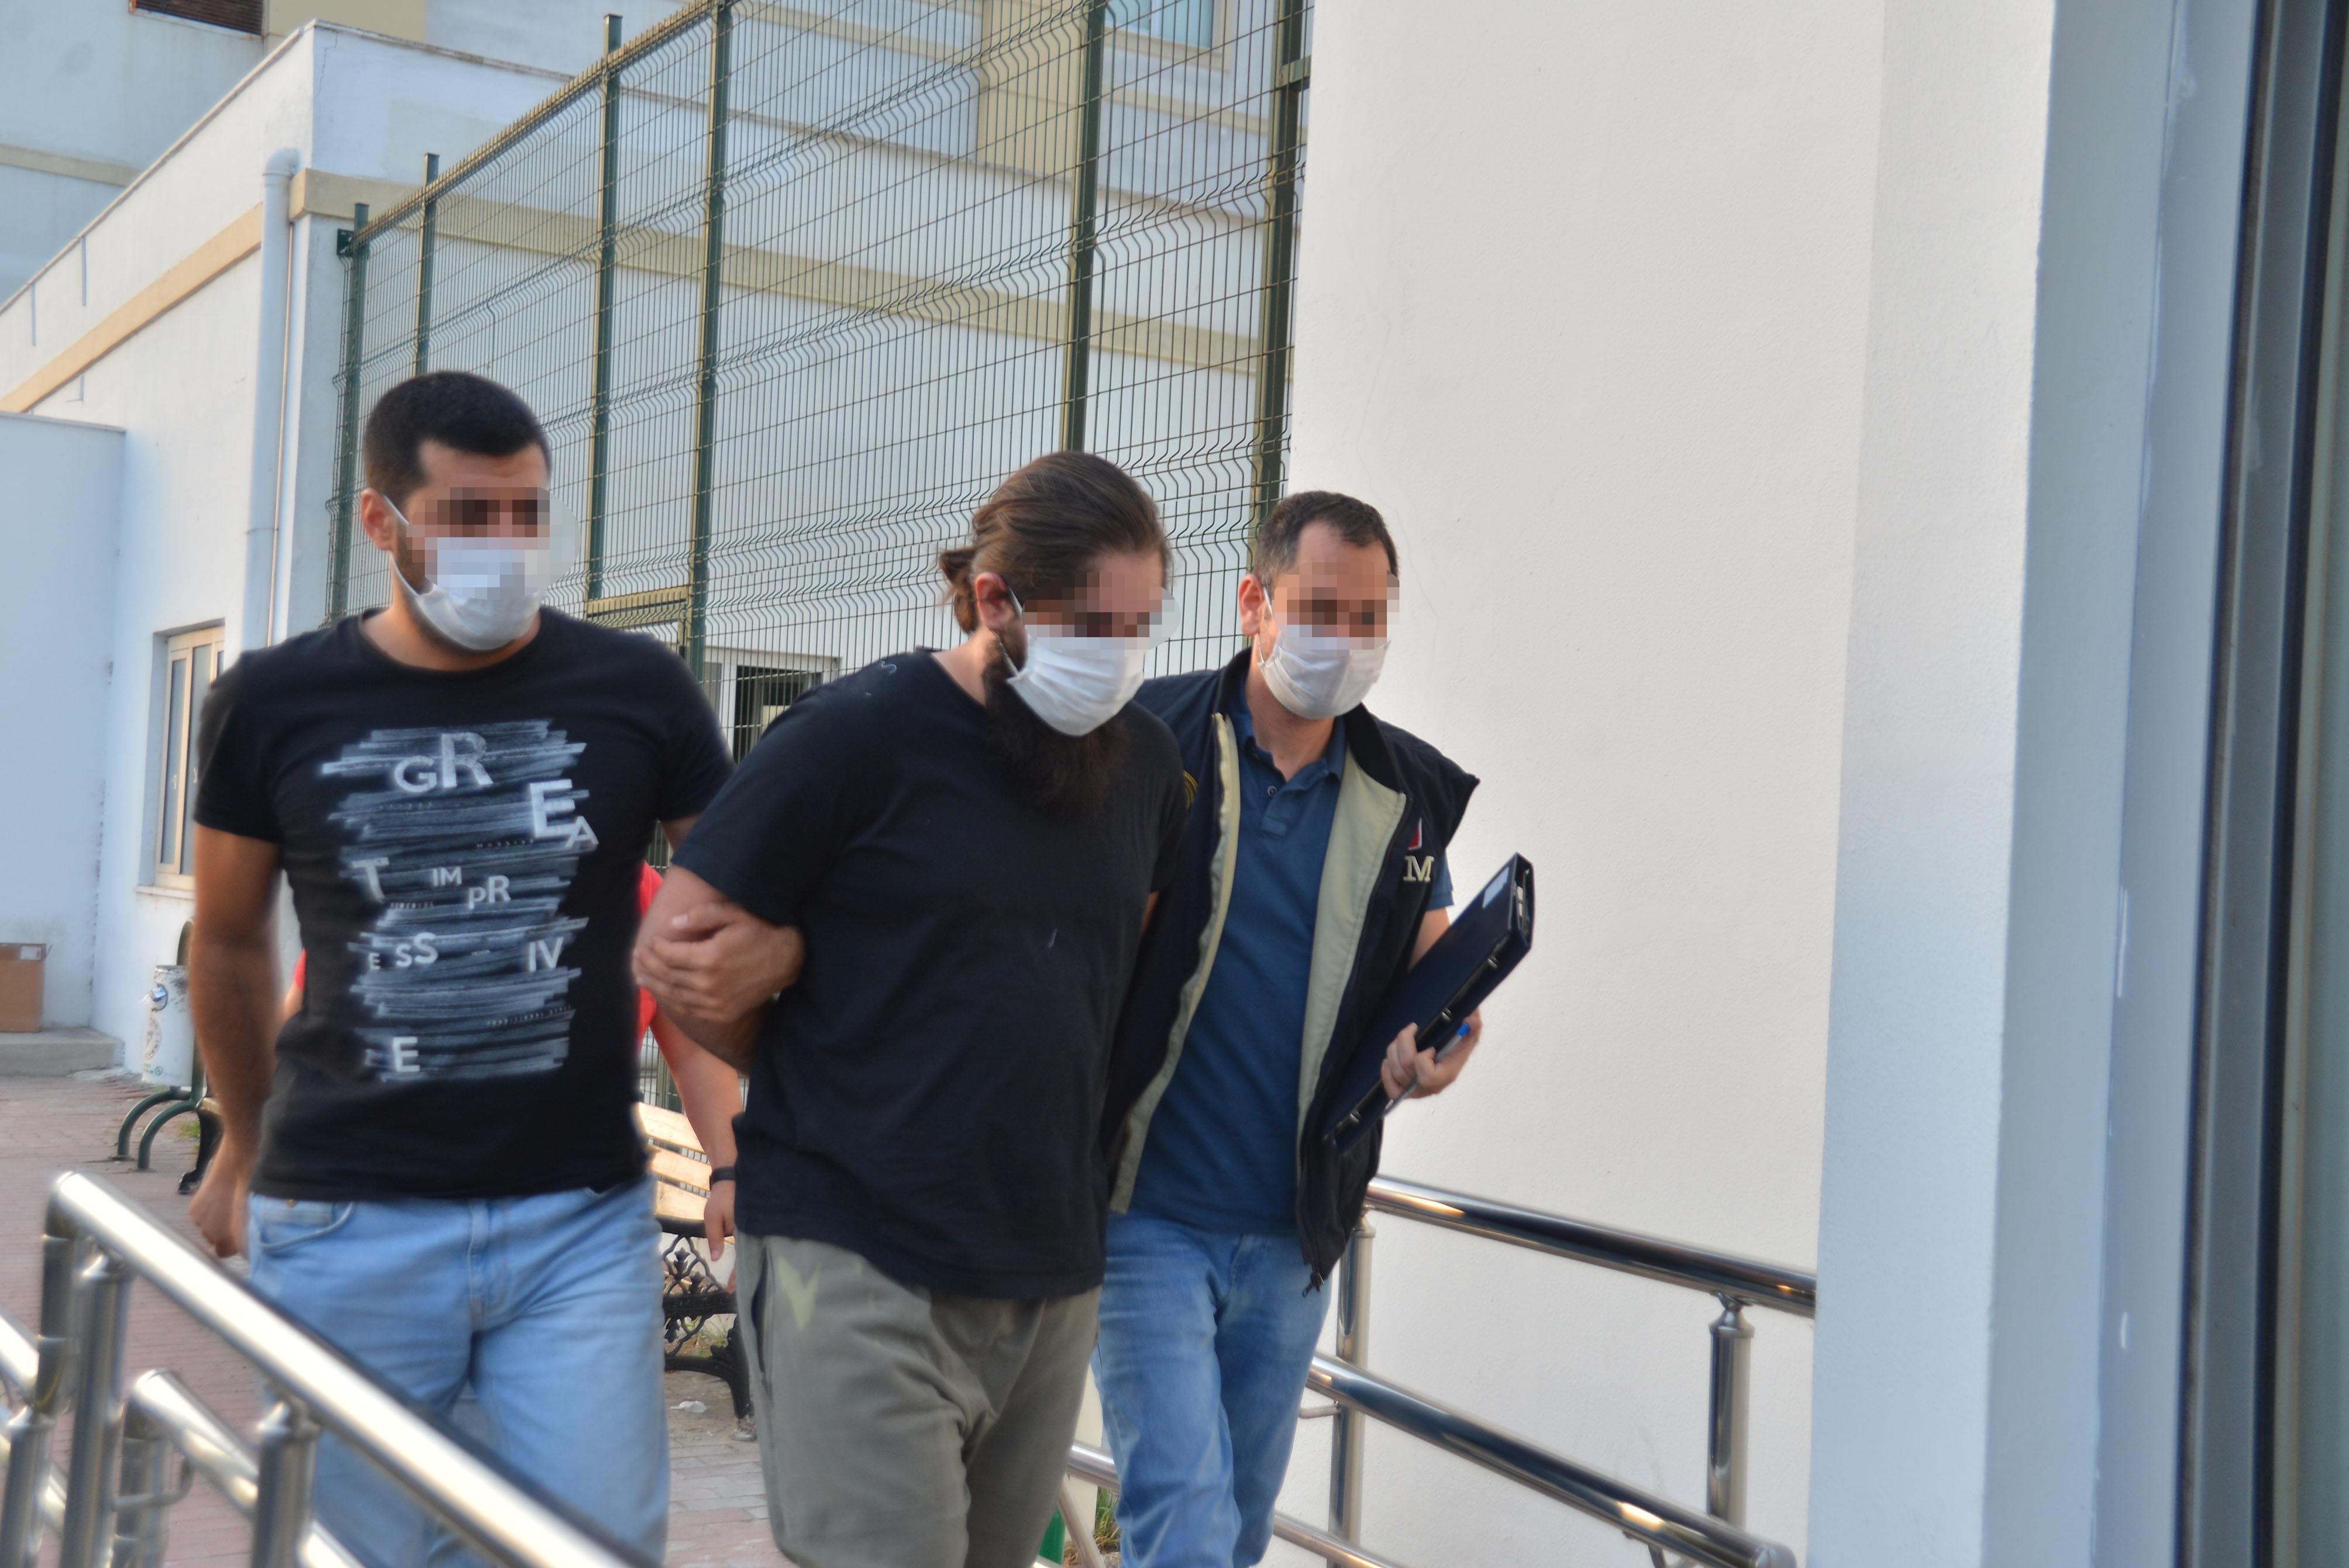 Adana'da HTŞ operasyonu: 6 gözaltı kararı